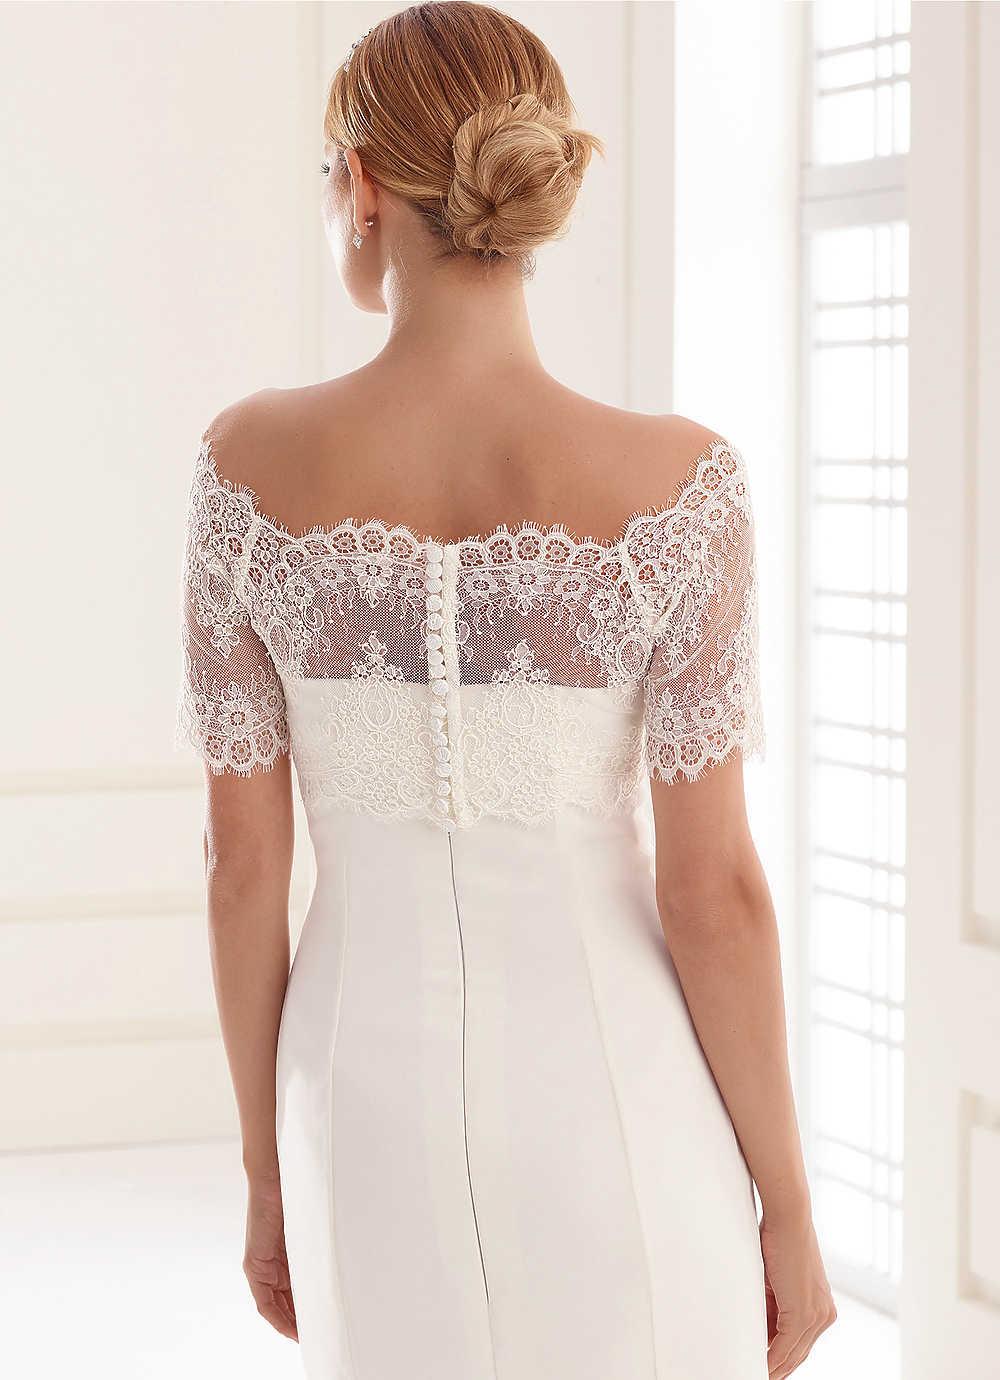 d188a2ddc7 Csipke boleró (148) :: Vicora esküvői ruhaszalon